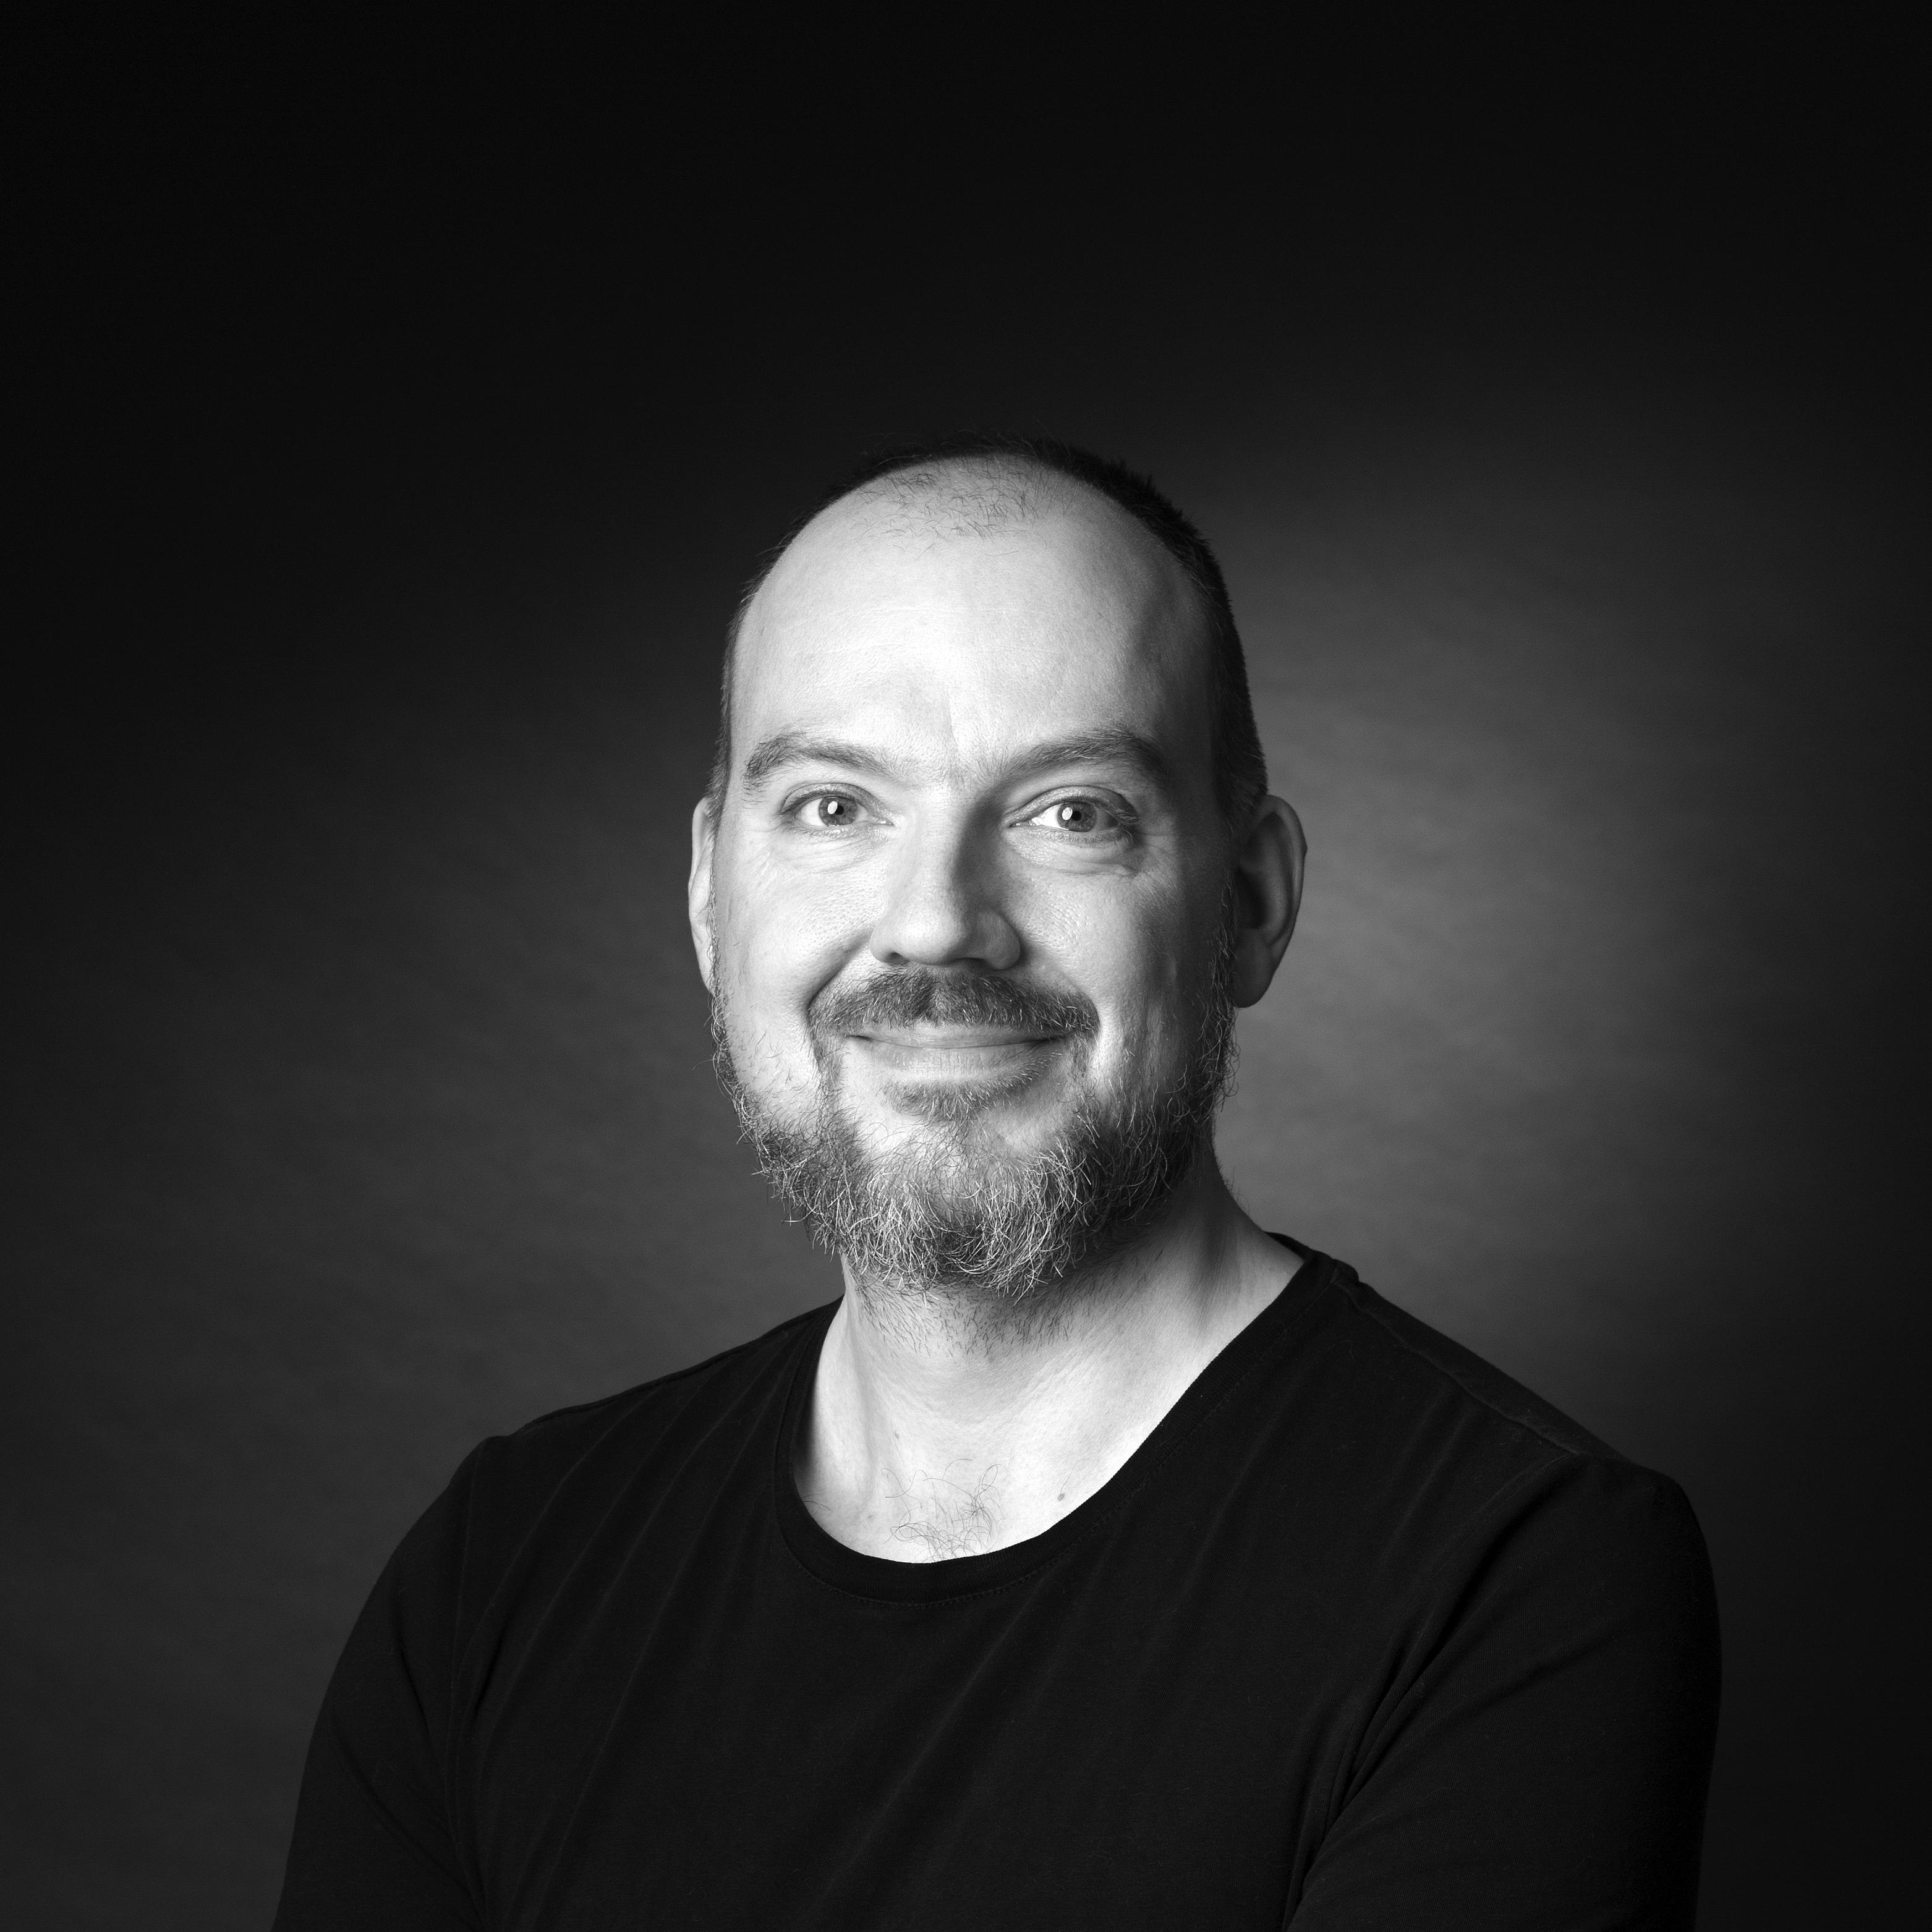 Erik Hellman